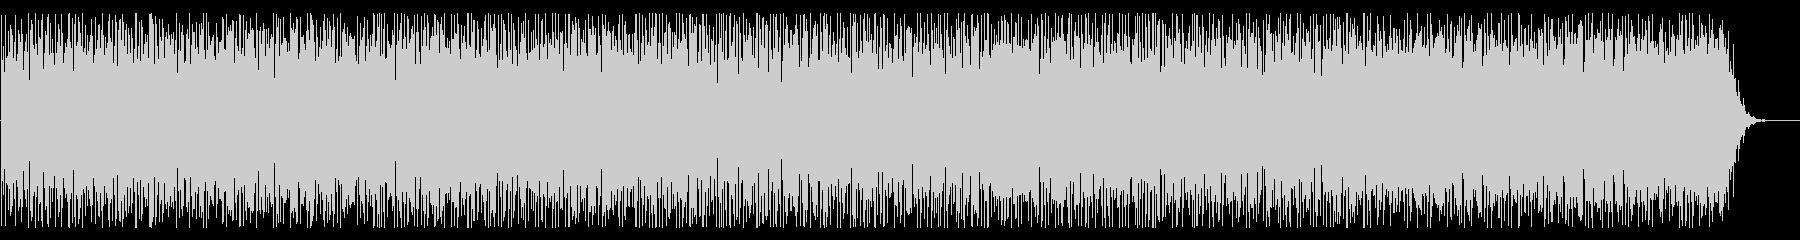 クラシックかつミステリーな雰囲気のBGMの未再生の波形